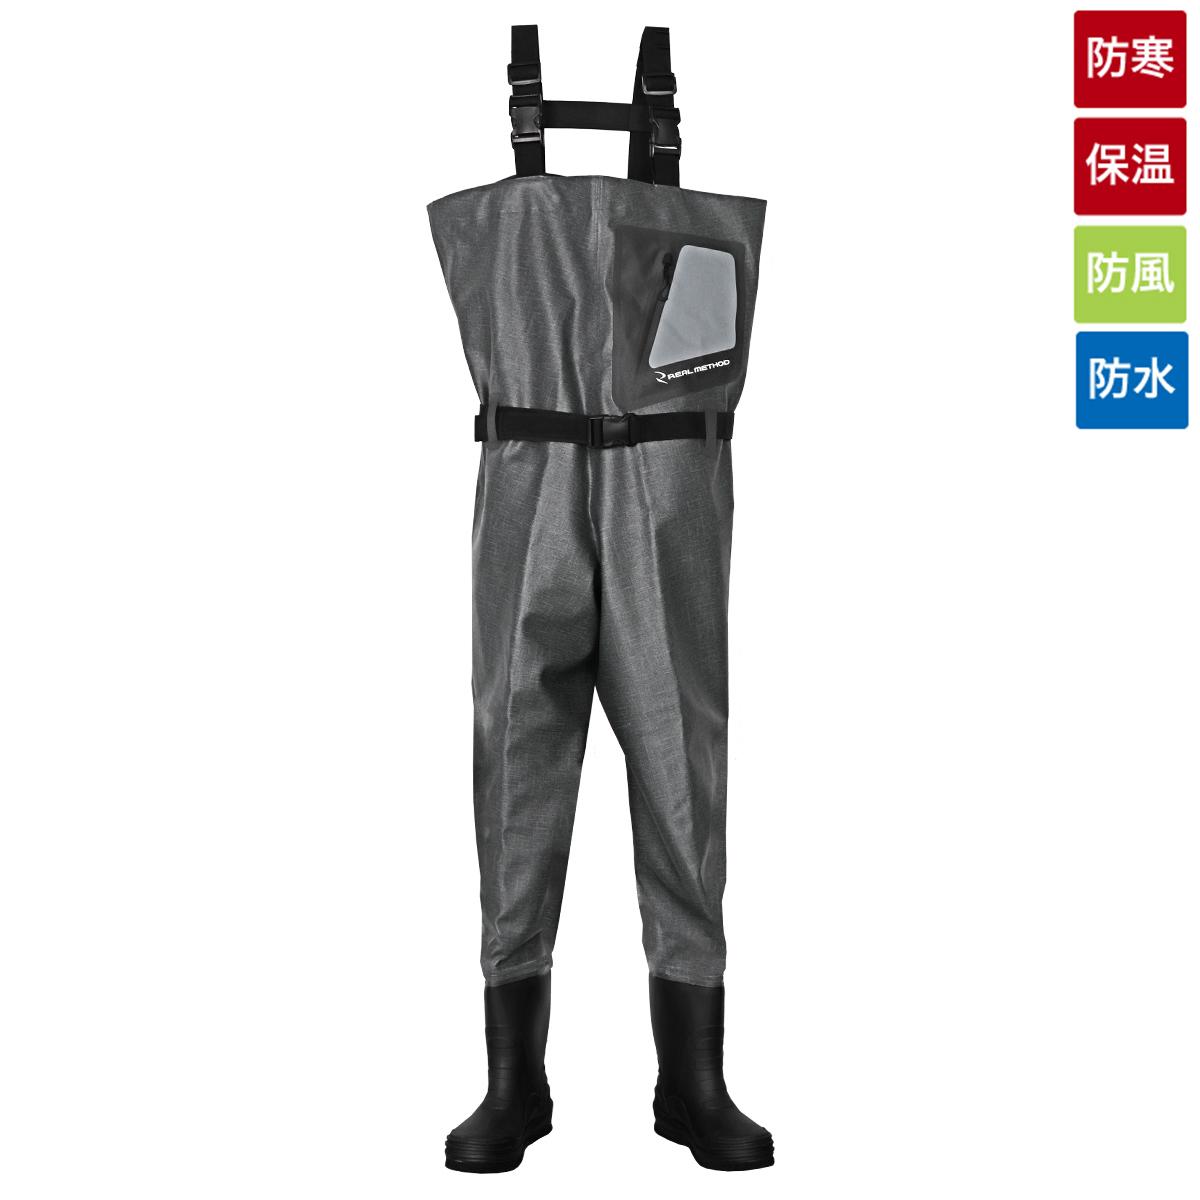 タカミヤ REAL METHOD PVC 裏起毛 チェストハイウェーダー M 杢グレー ウェーダー(東日本店)